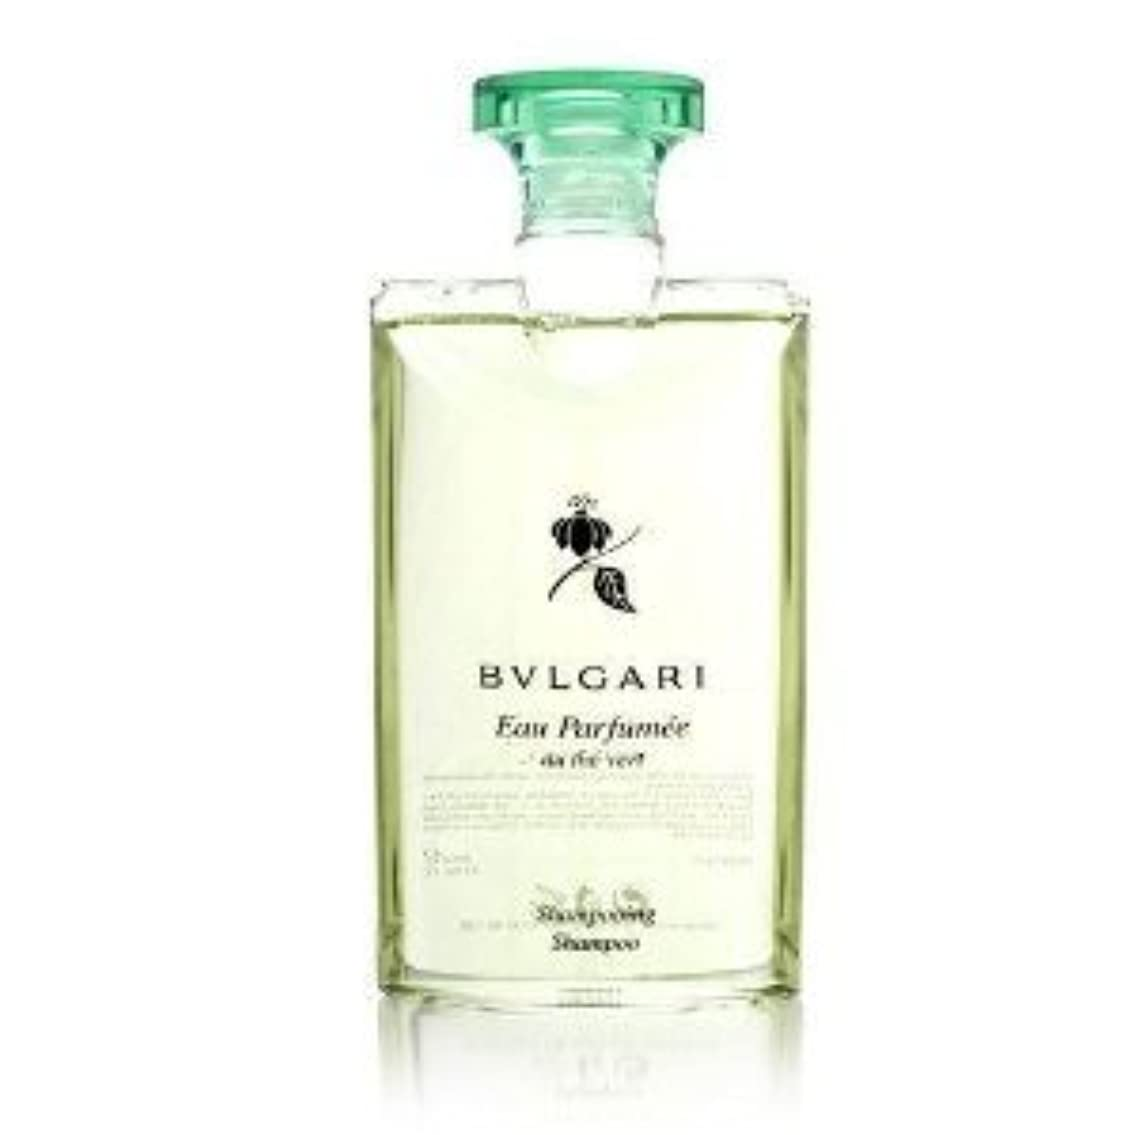 小説テロリスト工業化するBvlgari Eau Parfumee au the vert (ブルガリ オー パフュ-メ オウ ザ バート / グリーン ティー) 2.5 oz (75ml) シャンプー